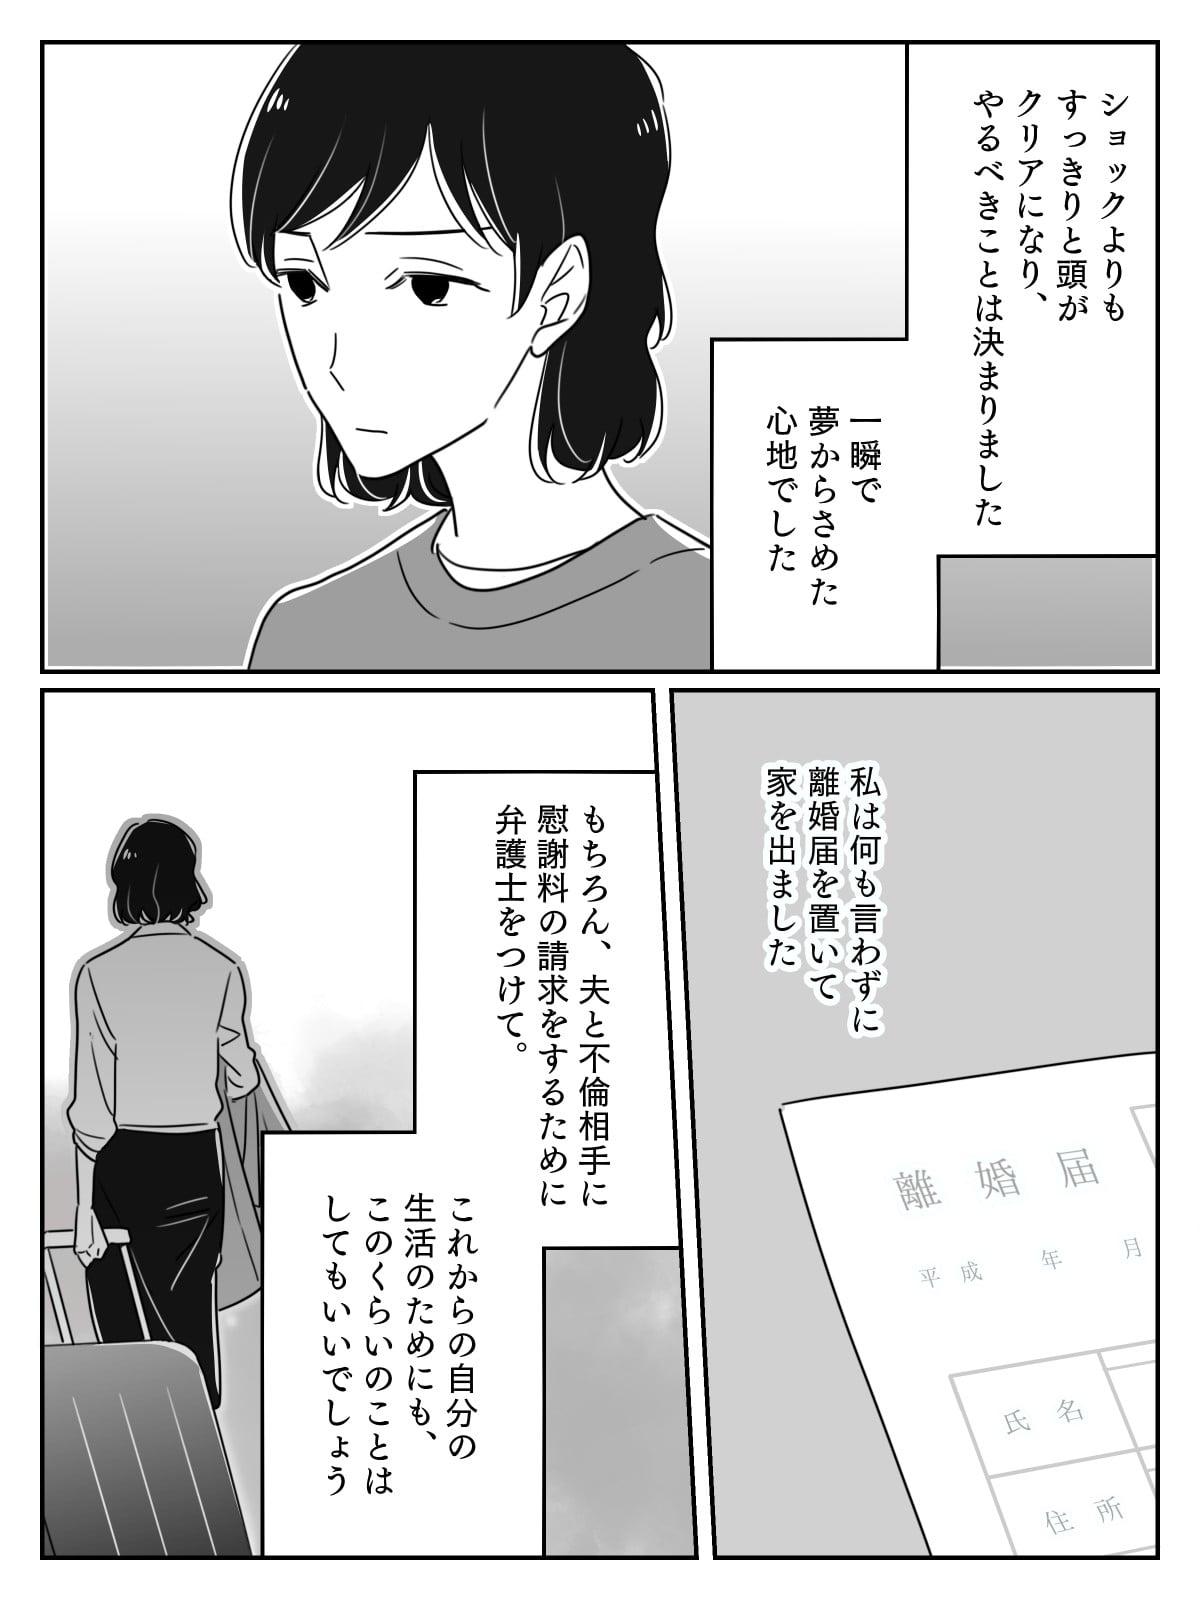 【後編】不倫からはじまった恋!